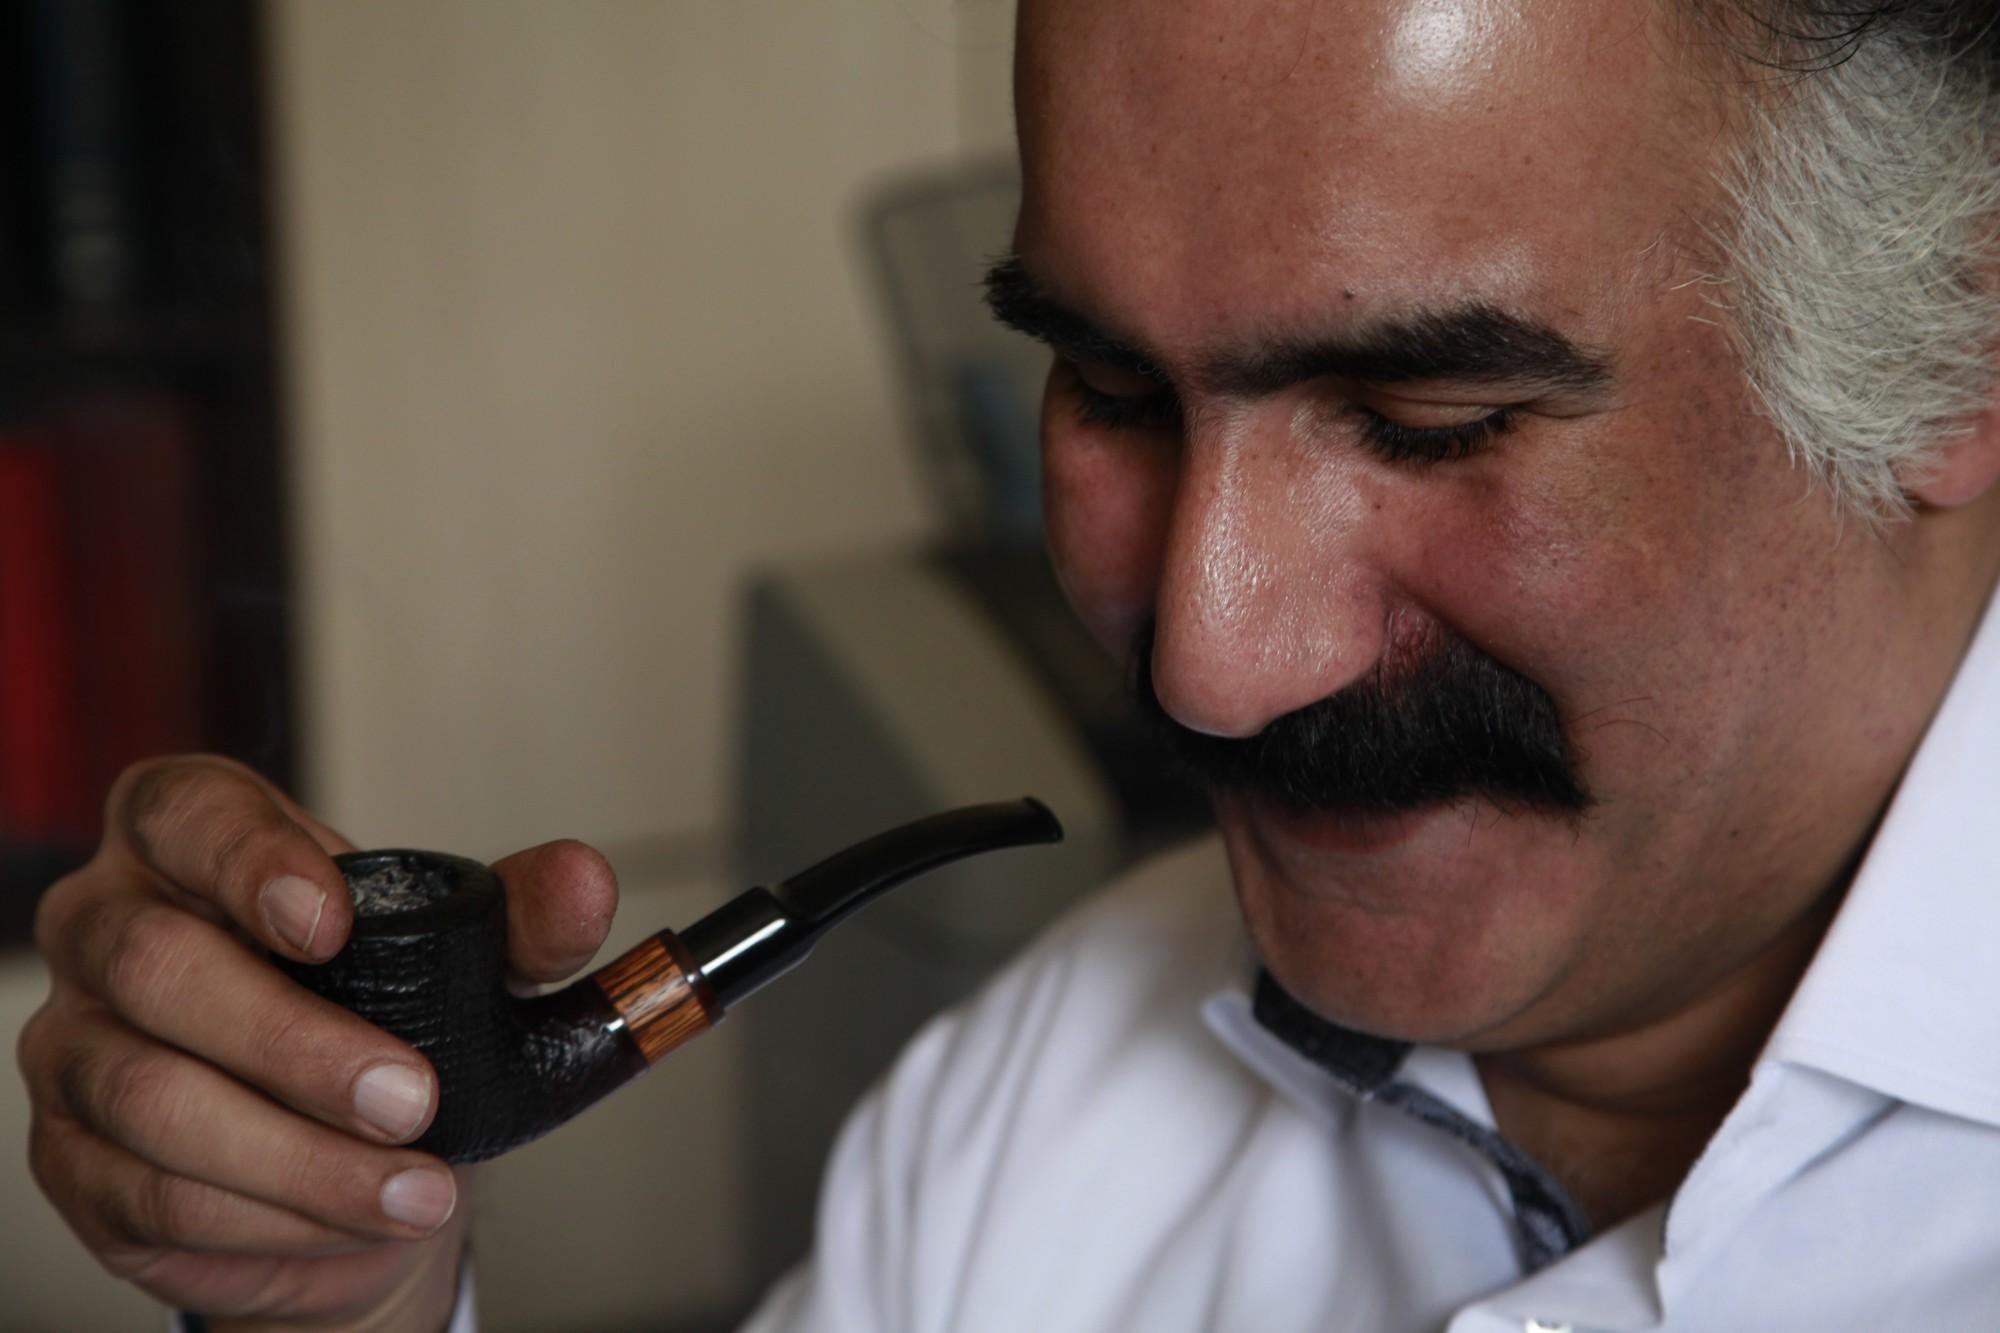 آقای زرویی نصرآباد رفتن آدابی دارد سن و سالی دارد